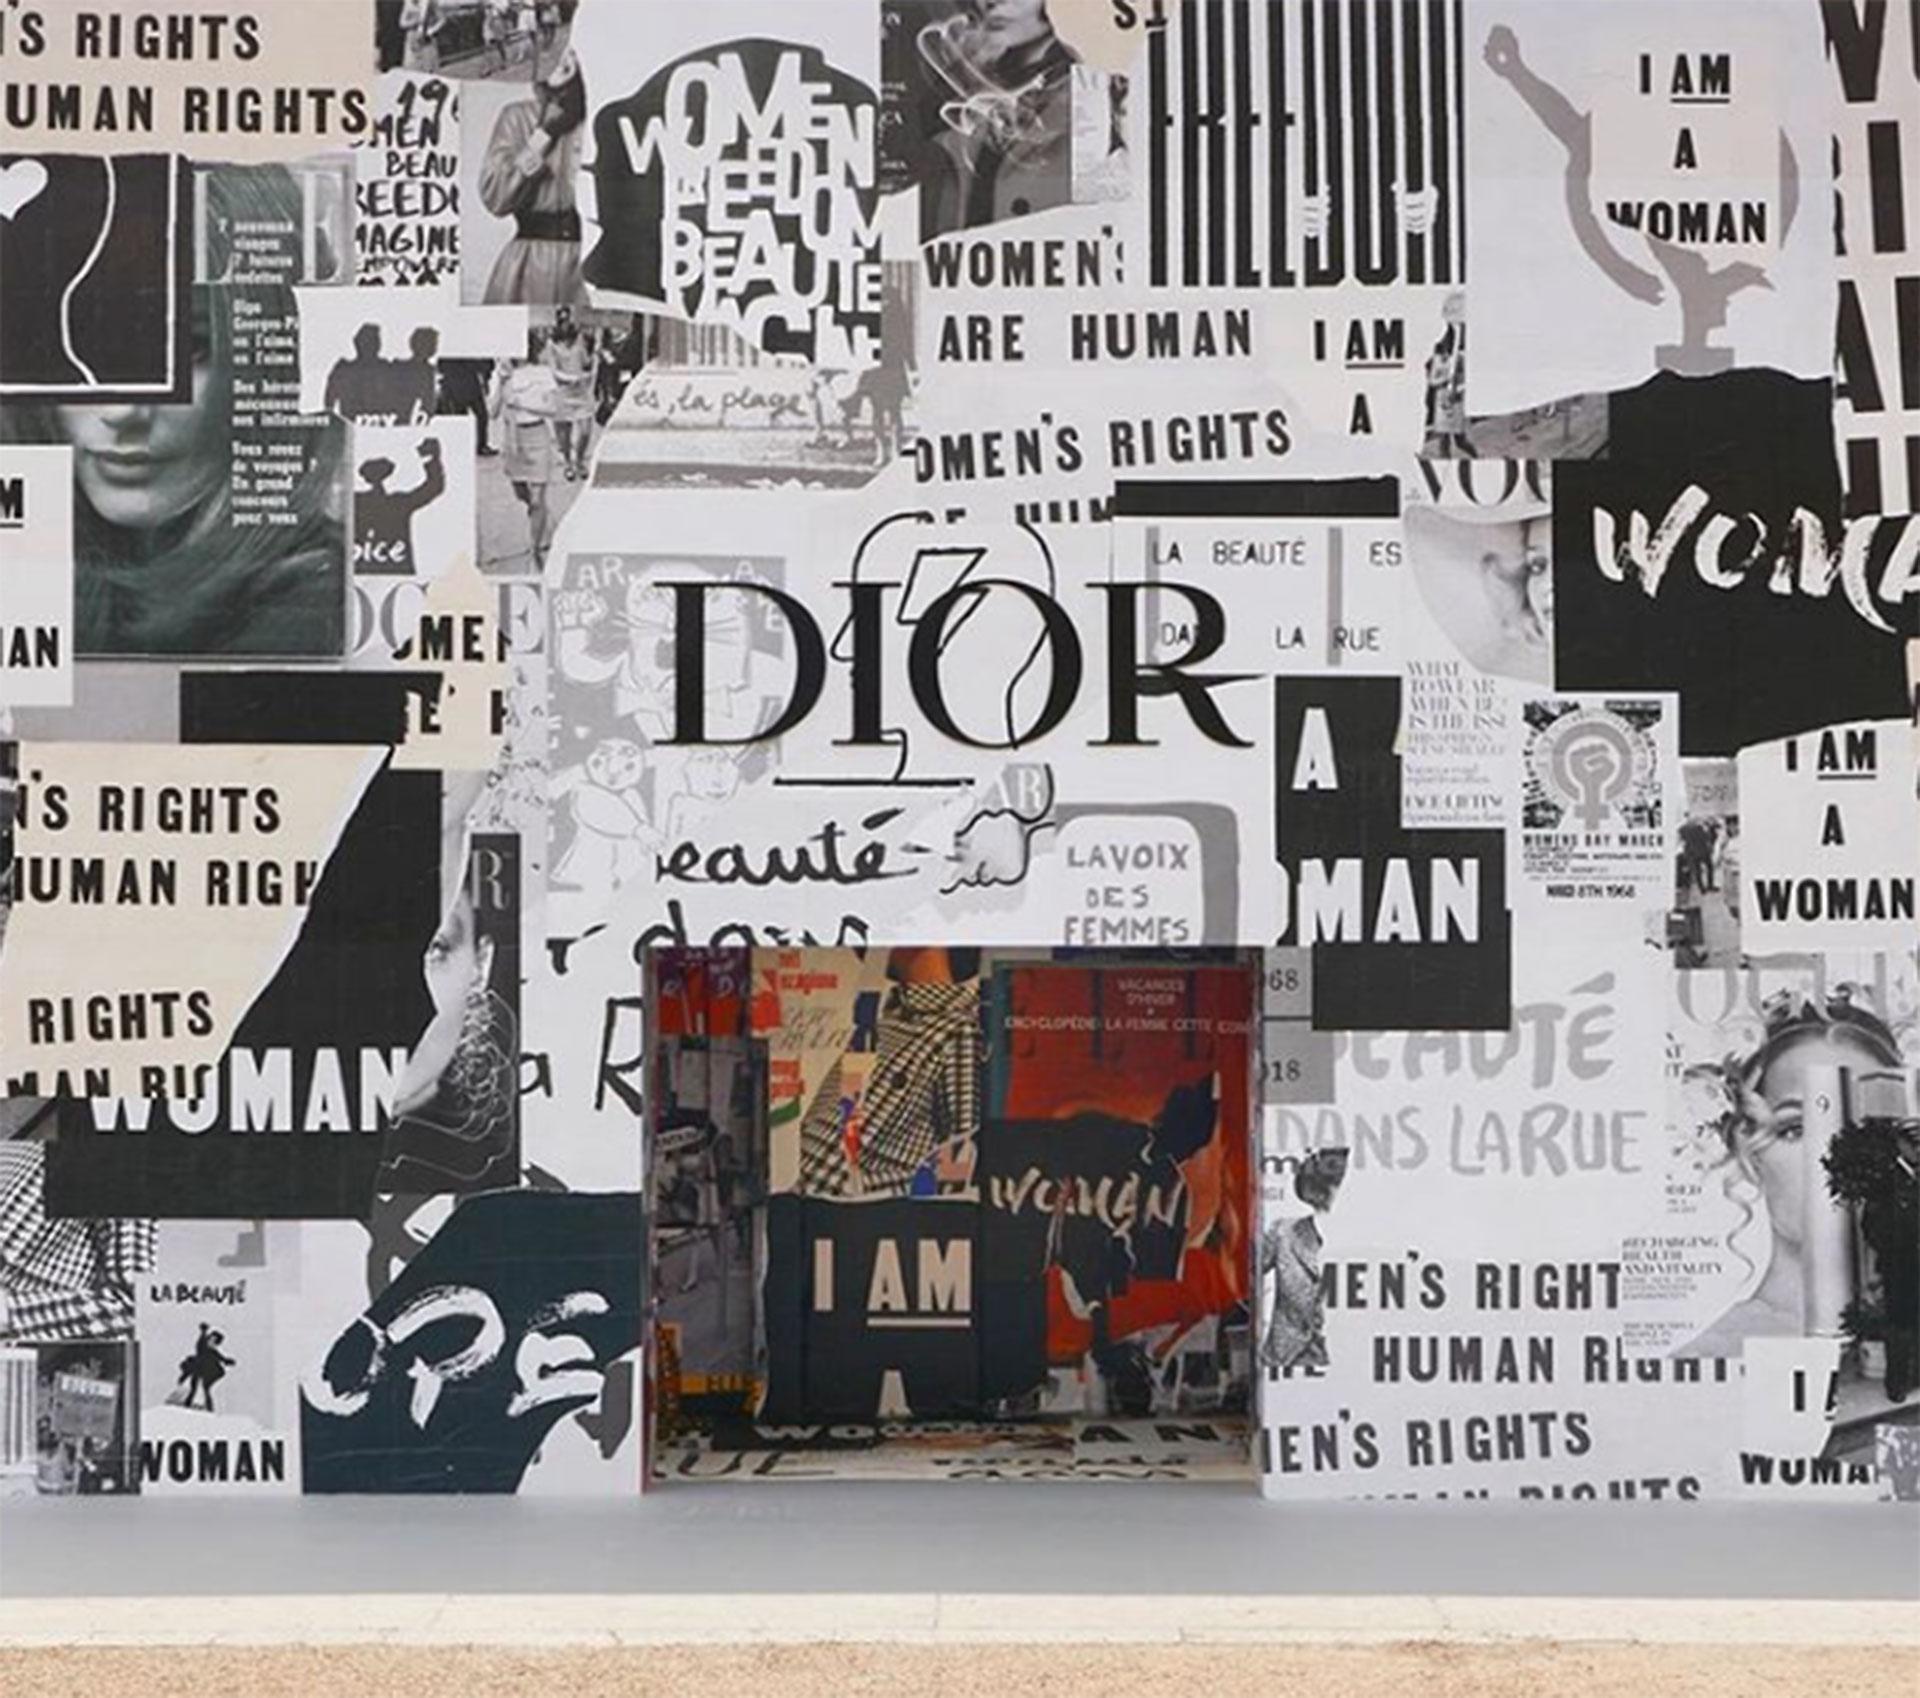 La fachada con la que se encontraban los invitados al desfile anticipaban el espíritu revolucionario del desfile de Dior.